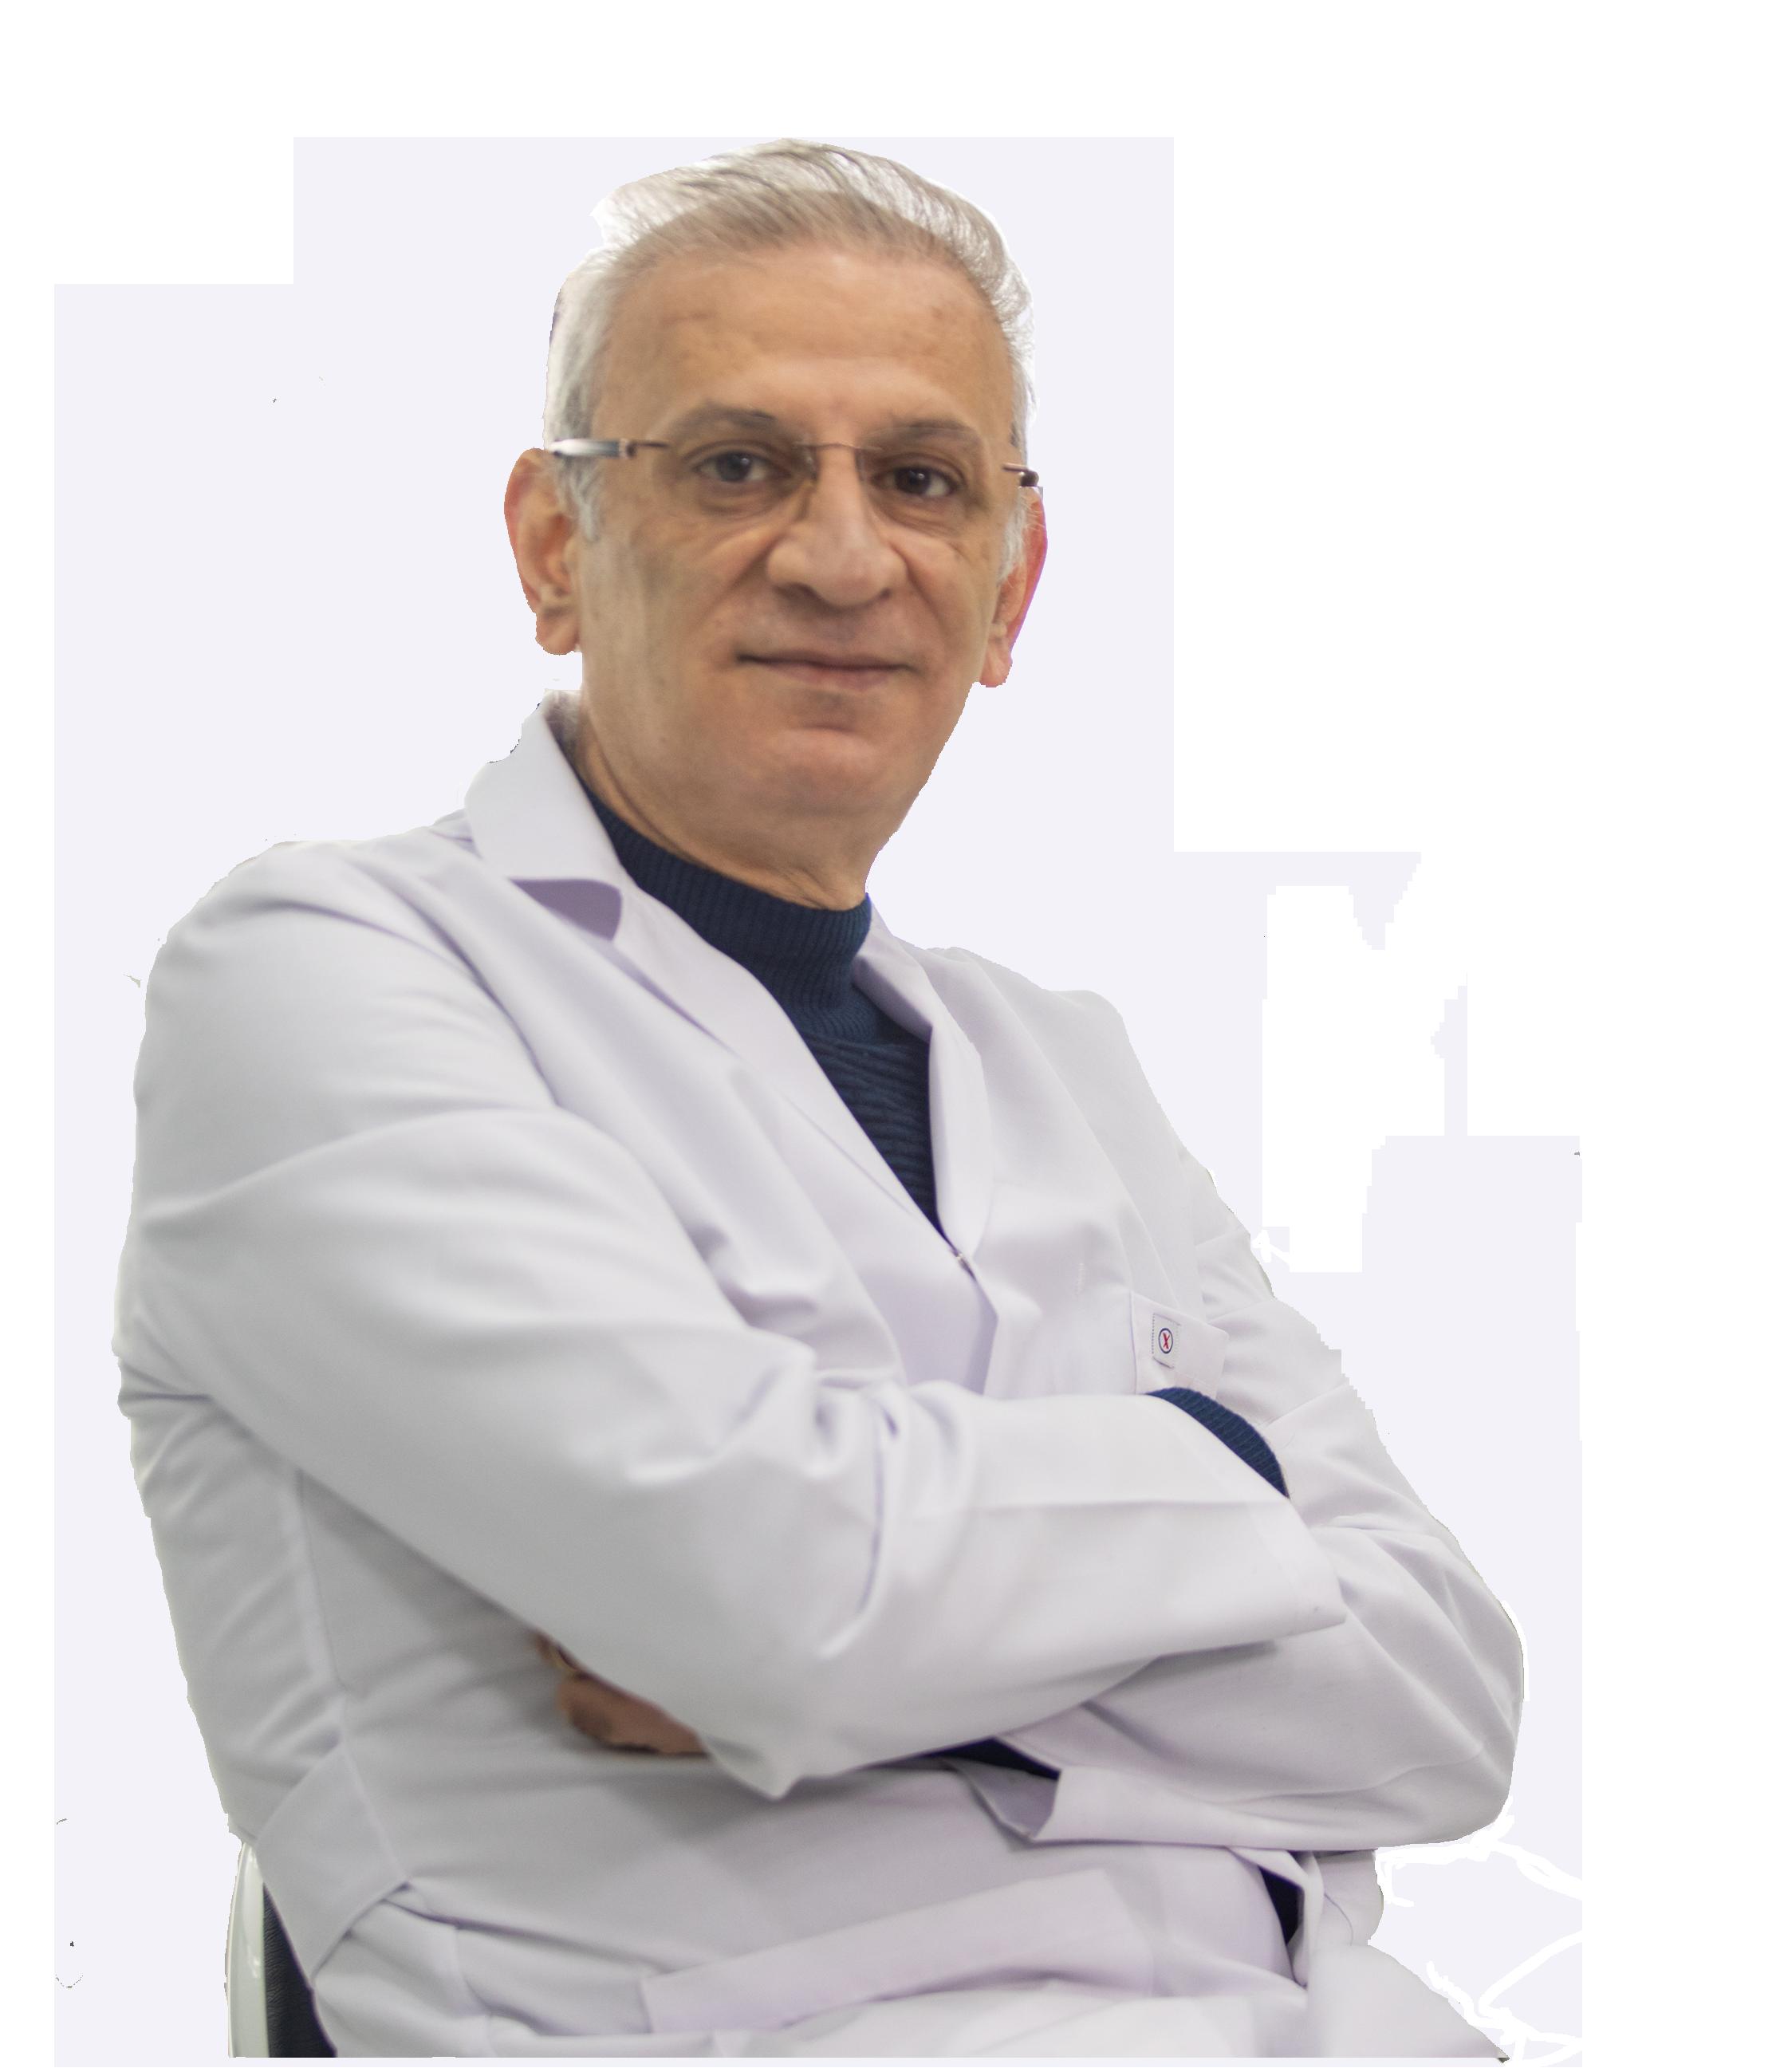 الدكتور أحمد سعيد - طبيب أسنان عربي في اسطنبول